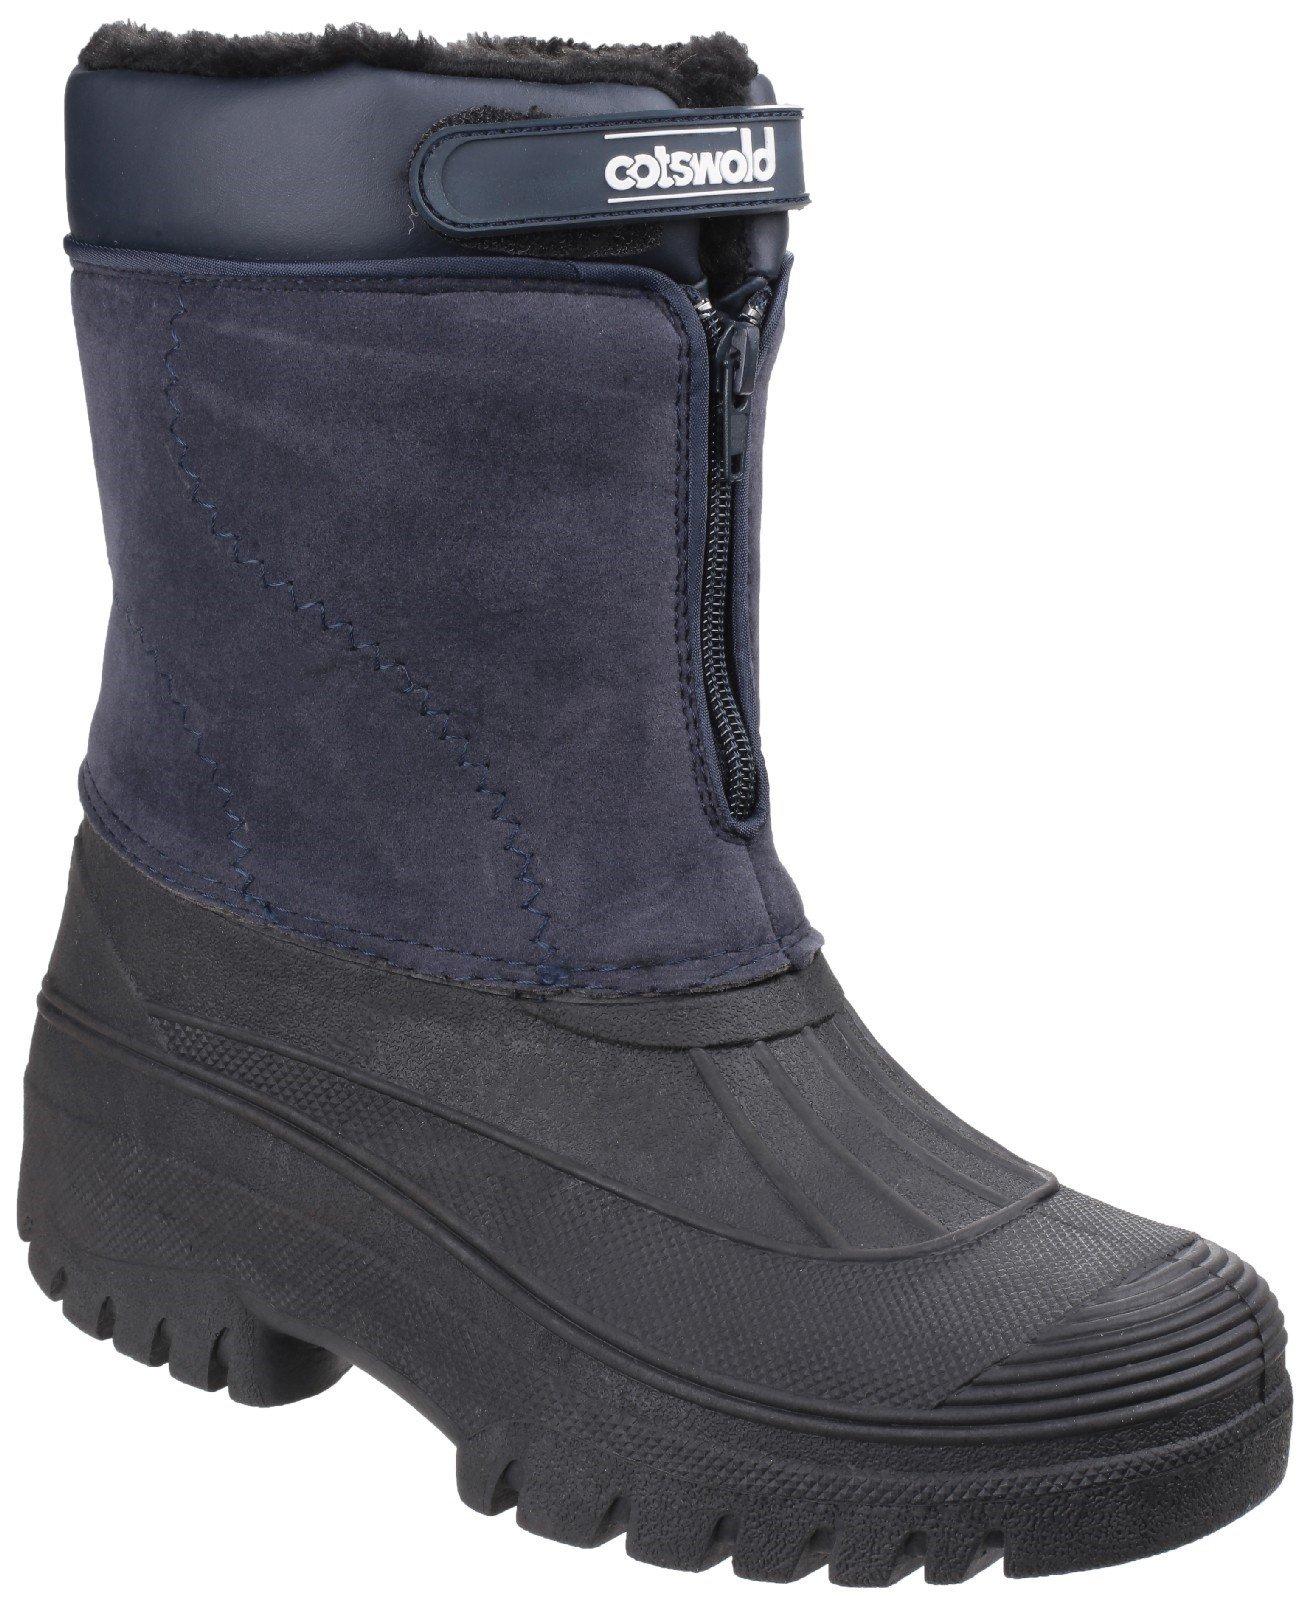 Cotswold Women's Venture Waterproof Winter Boot Various Colours 16569 - Navy 3